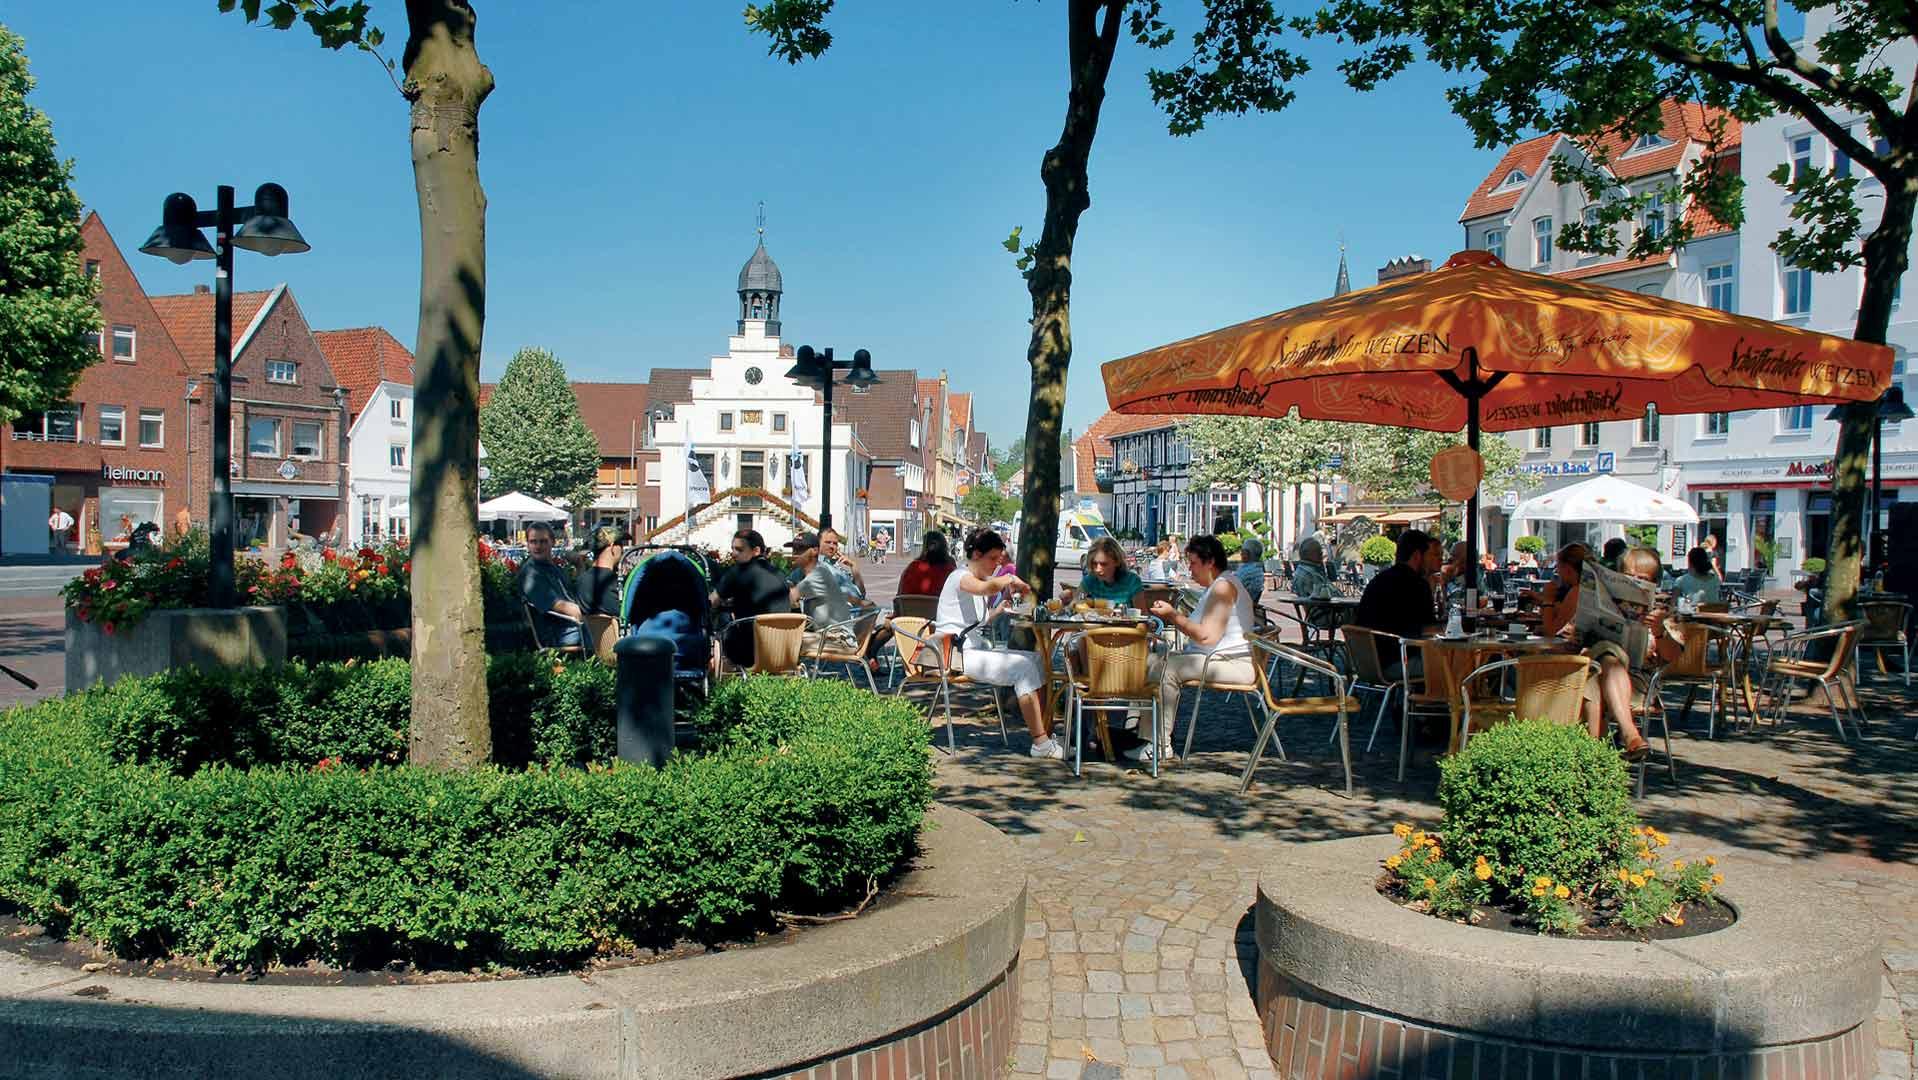 Even uitblazen op een terrasje in het gezellige Lingen (Emsland)